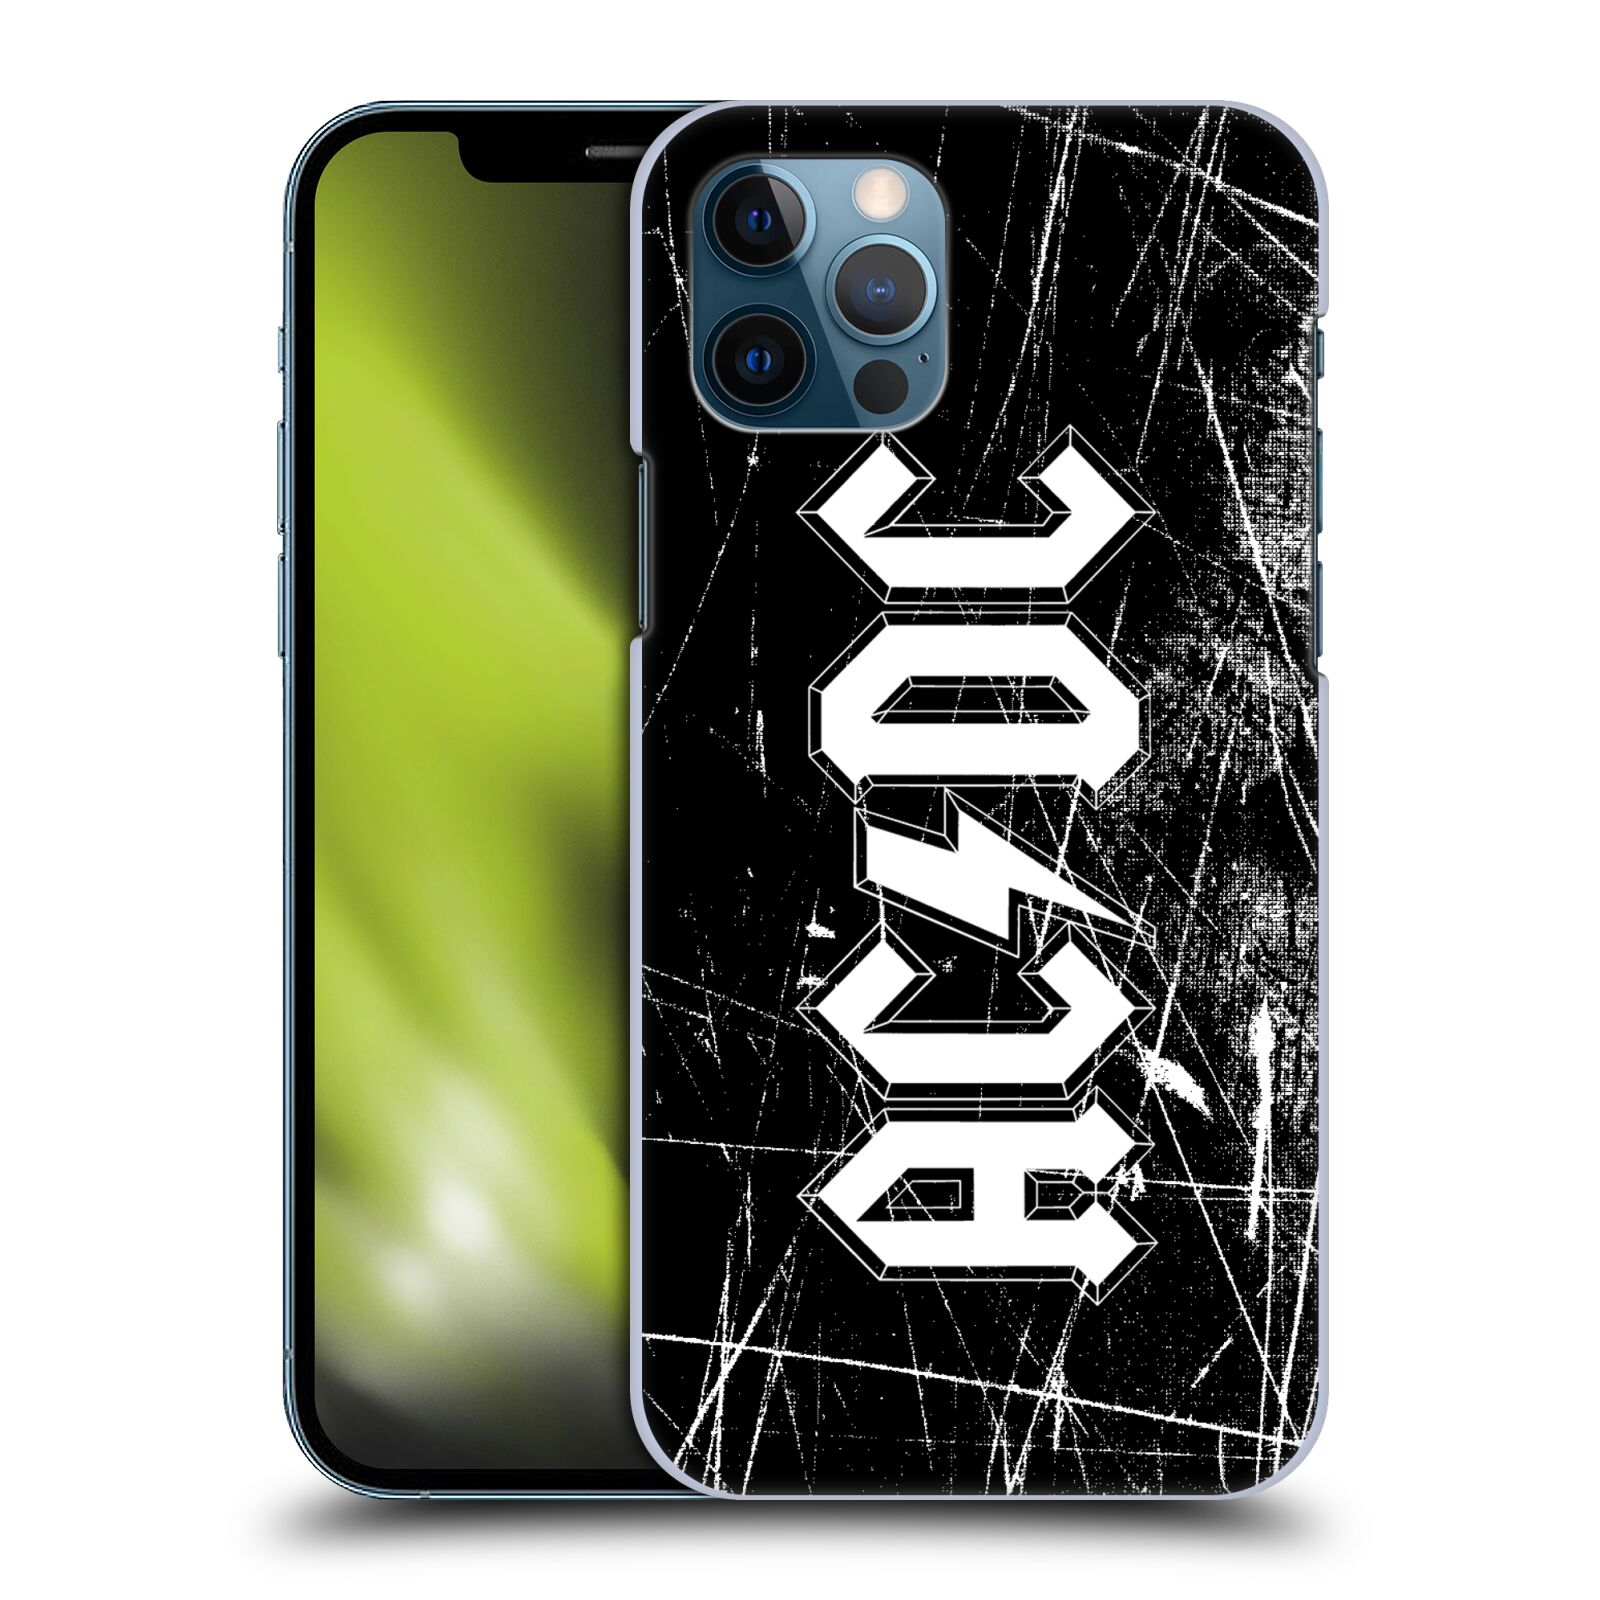 Plastové pouzdro na mobil Apple iPhone 12 / 12 Pro - Head Case - AC/DC Černobílé logo